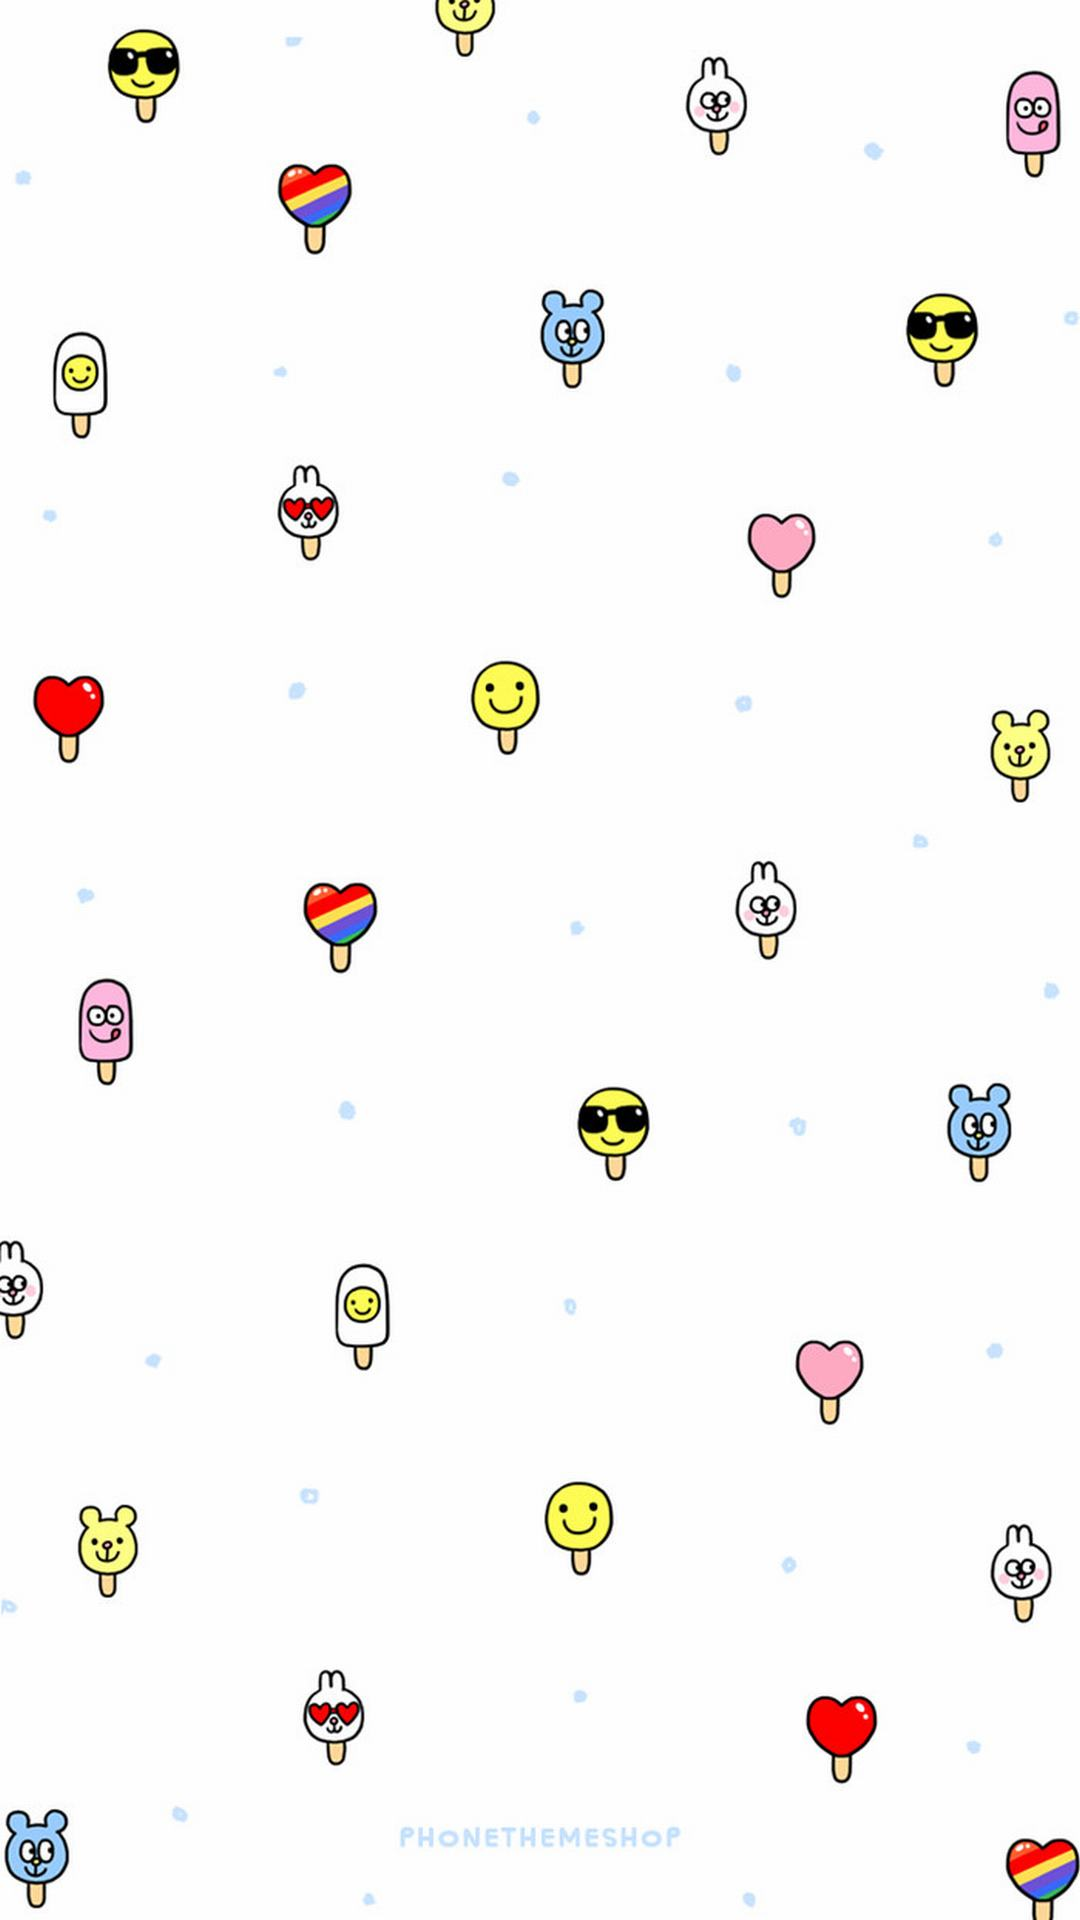 韩系小可爱卡通平铺手机壁纸_电脑主题网